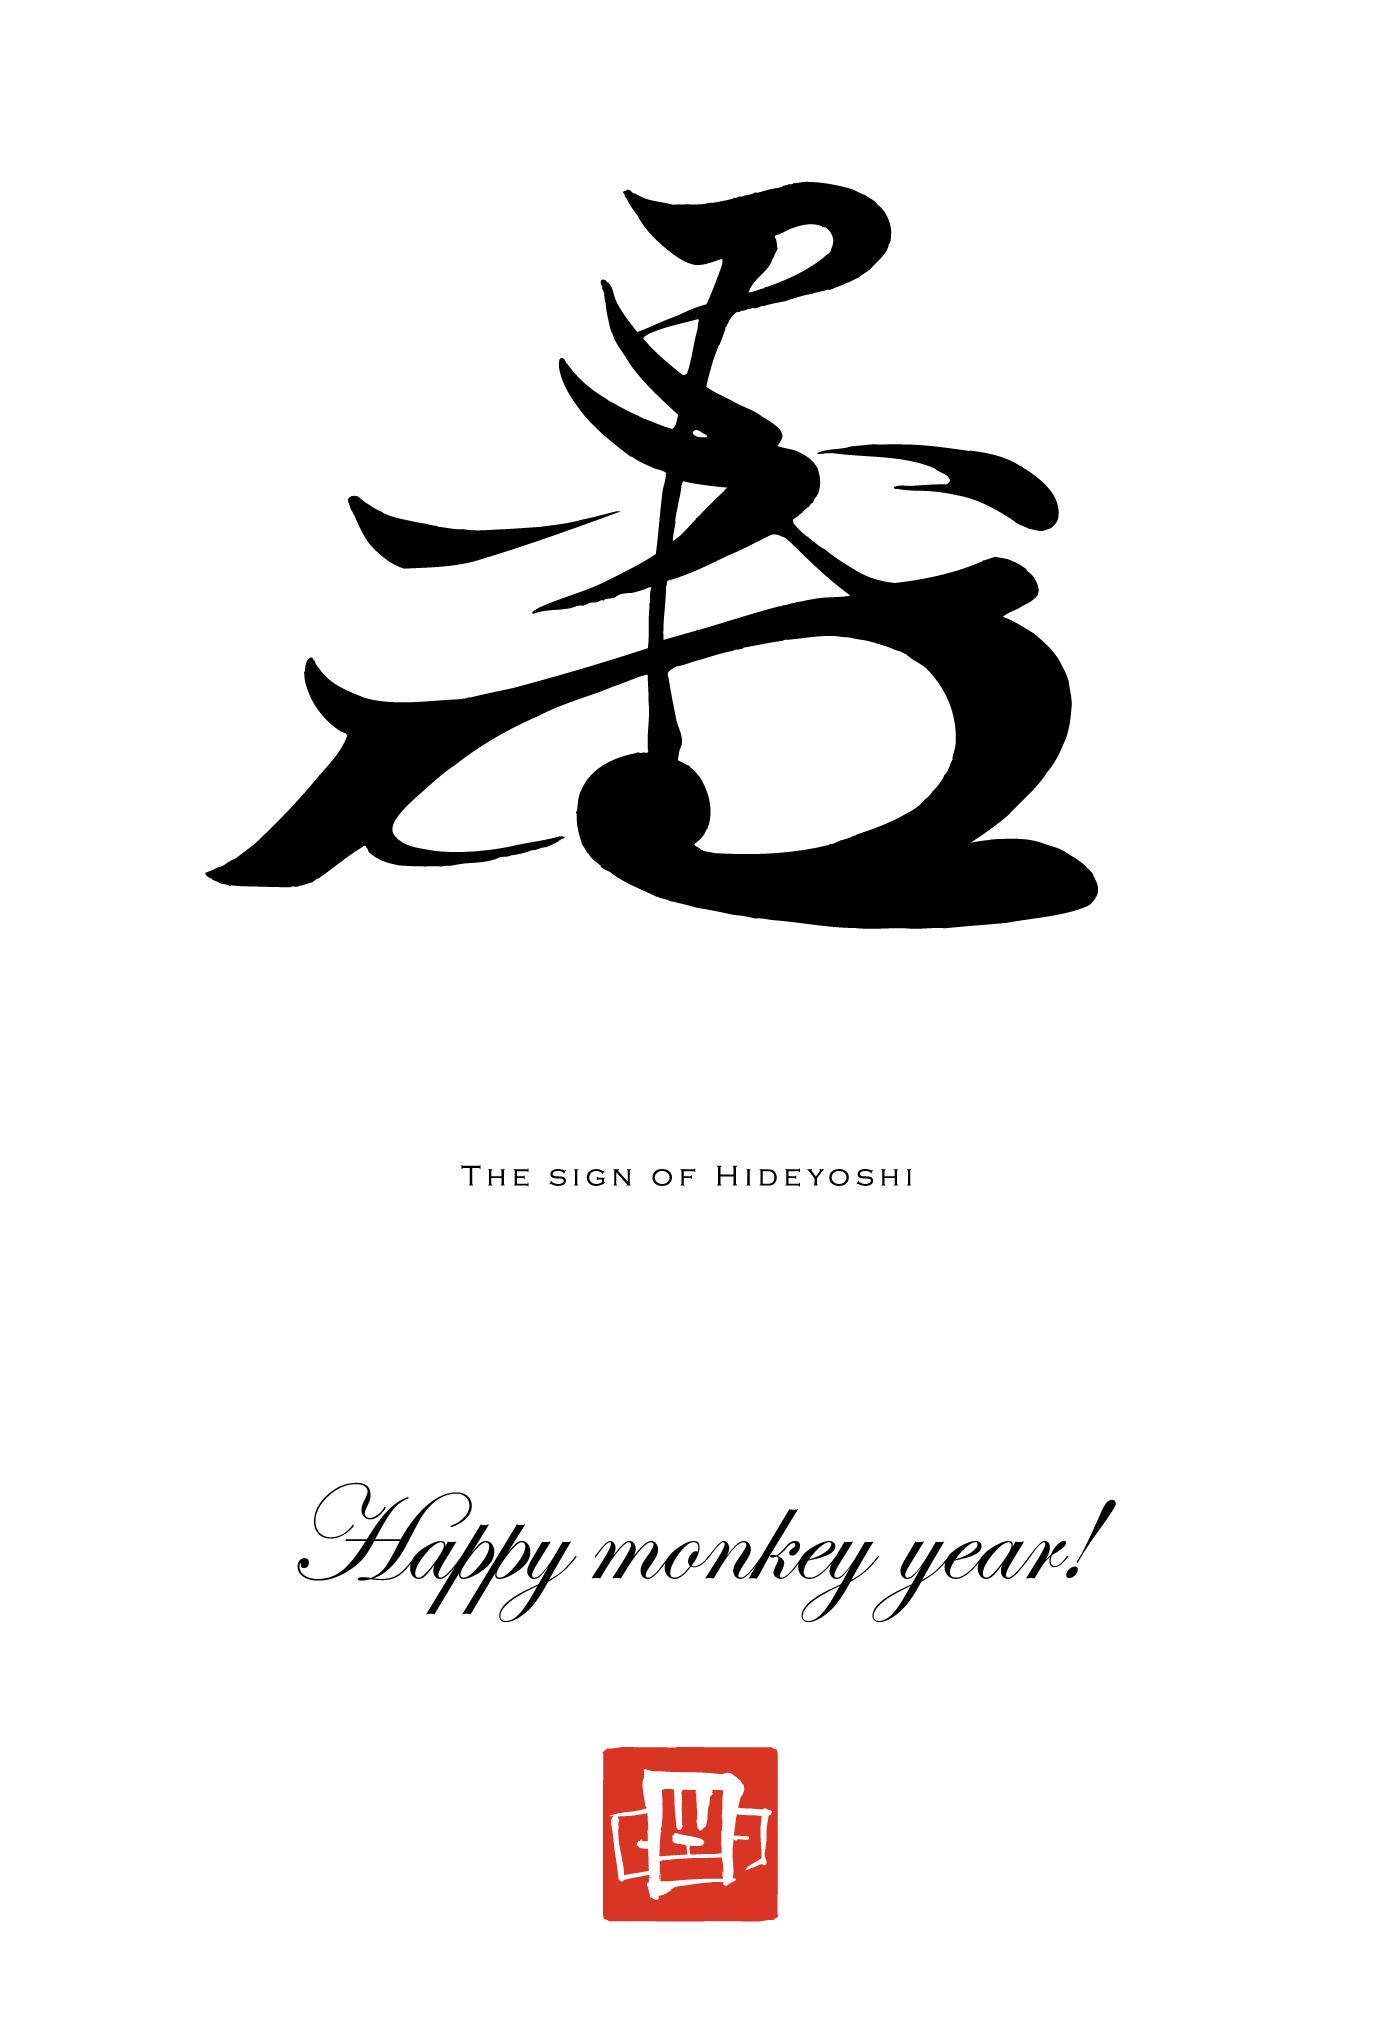 2004年賀状25:The sign of HIDEYOSHIのダウンロード画像